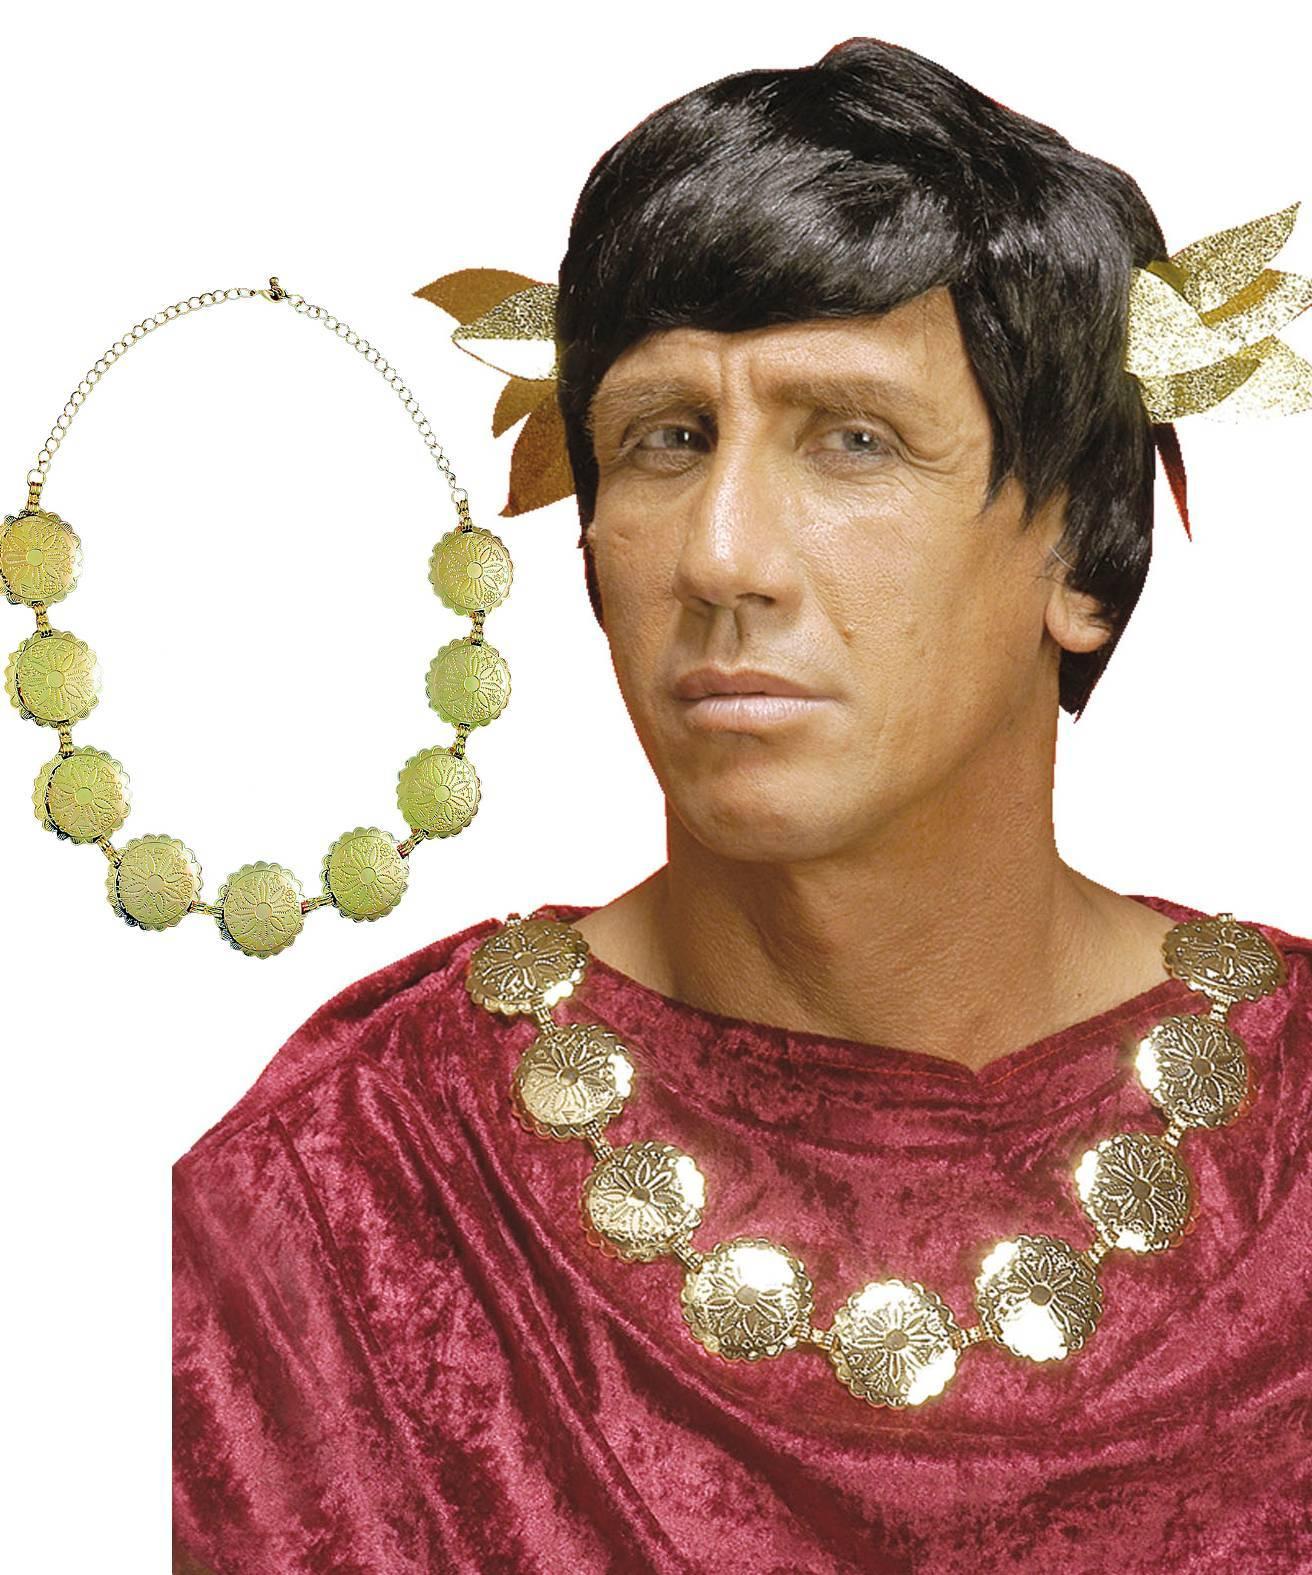 Collier-romain